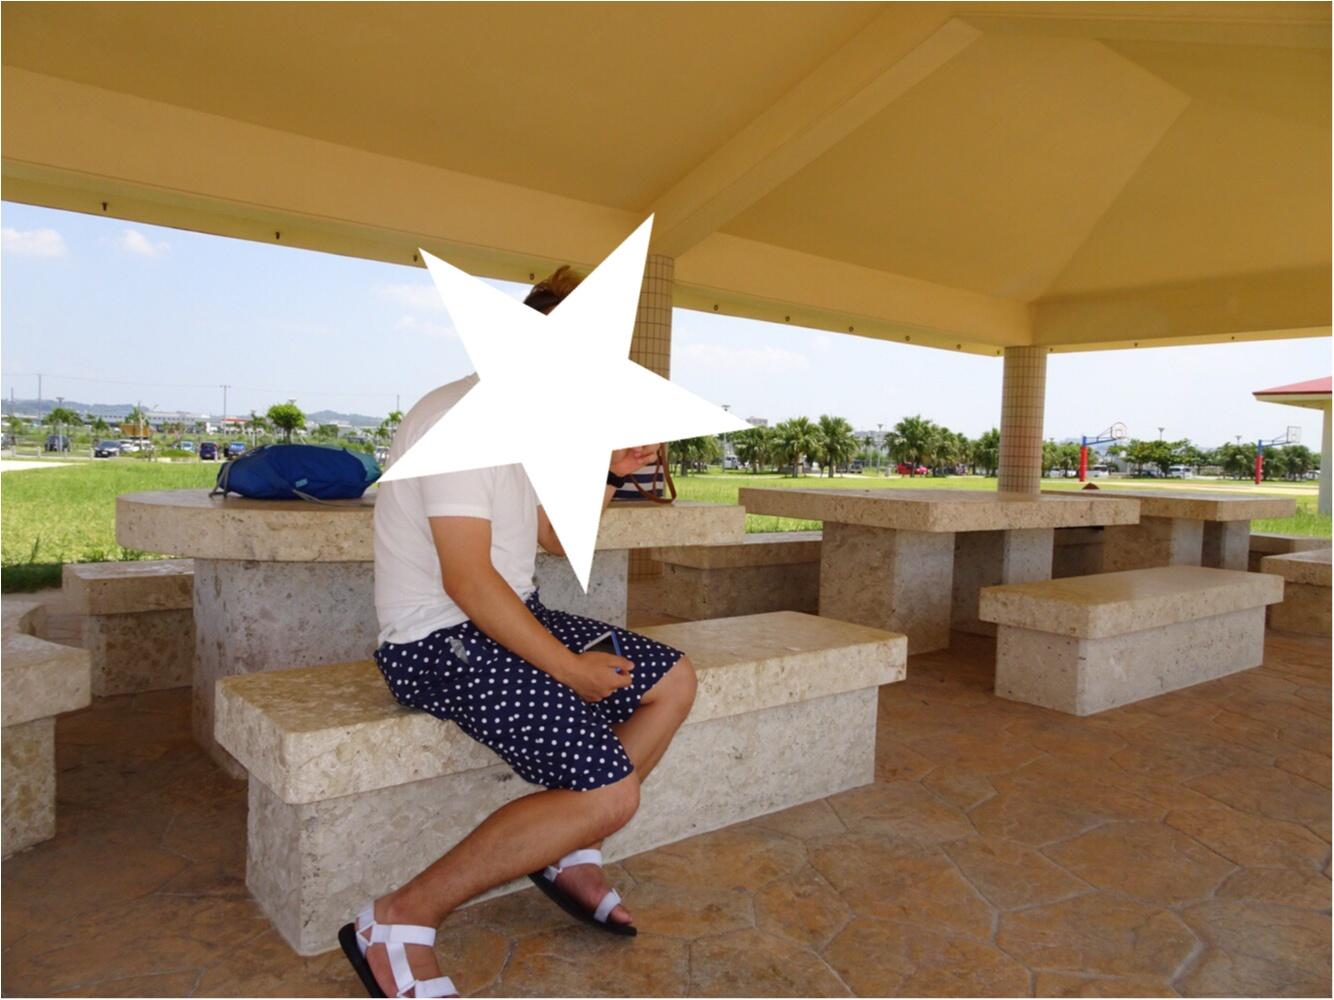 【沖縄女子旅】沖縄旅行!本島のBEACHはどこへ行く?迷ったら空港近くのココがおすすめ♡!_5